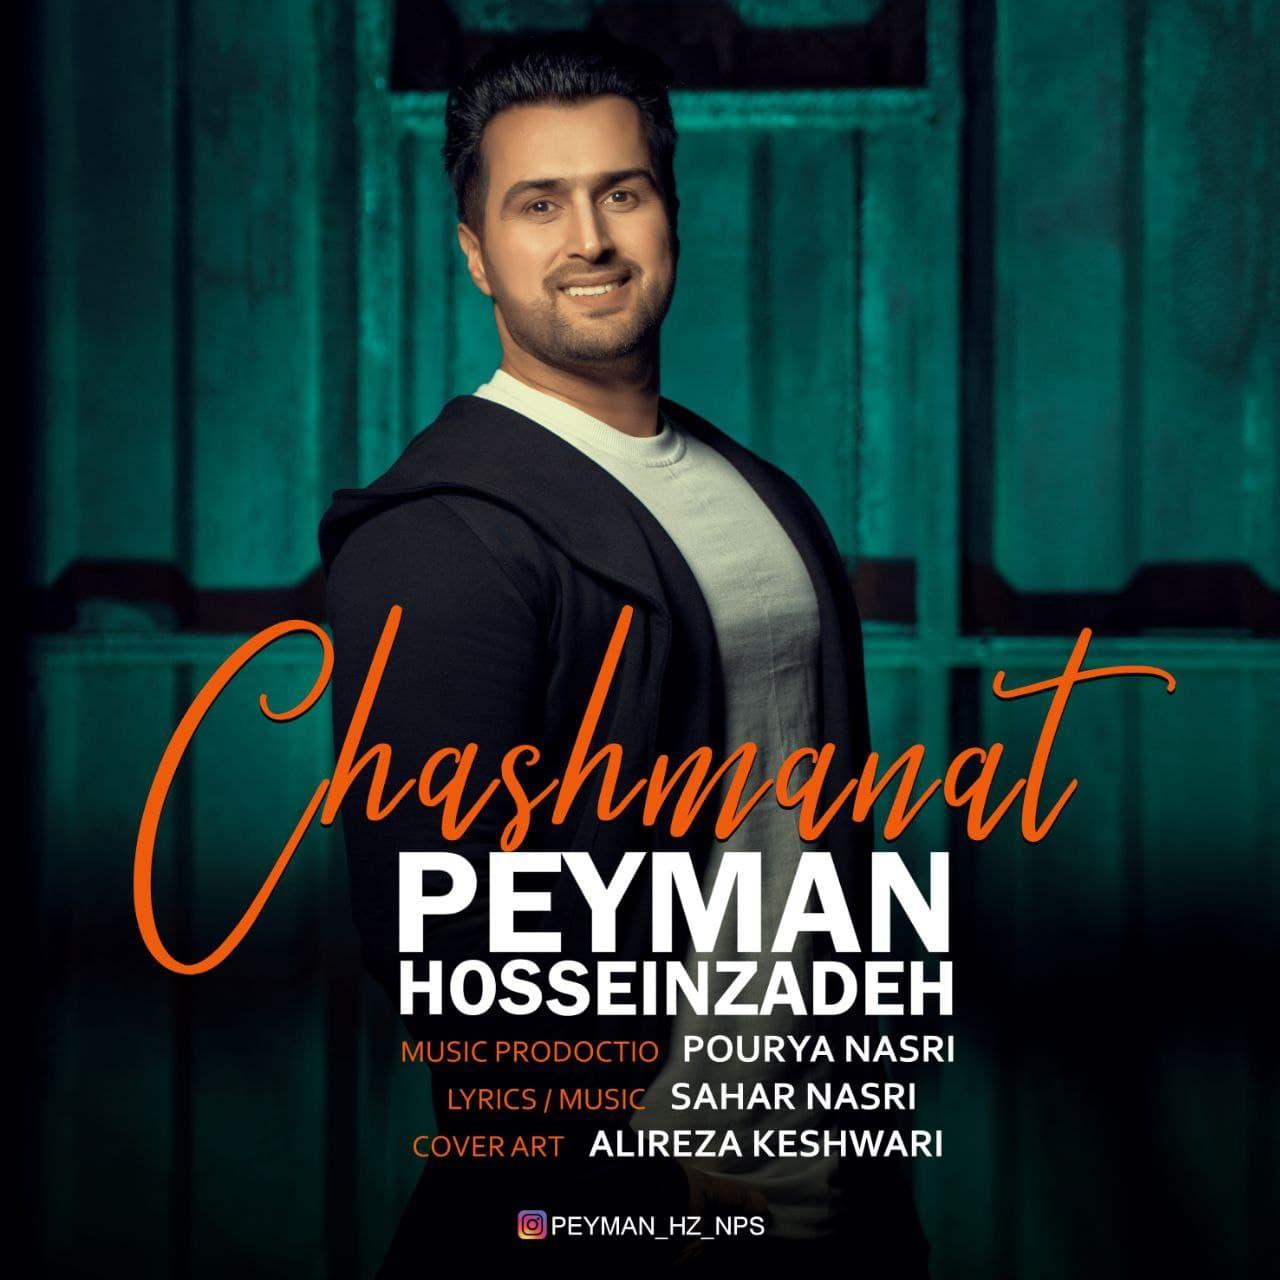 Peyman Hosseinzadeh – Cheshmanat